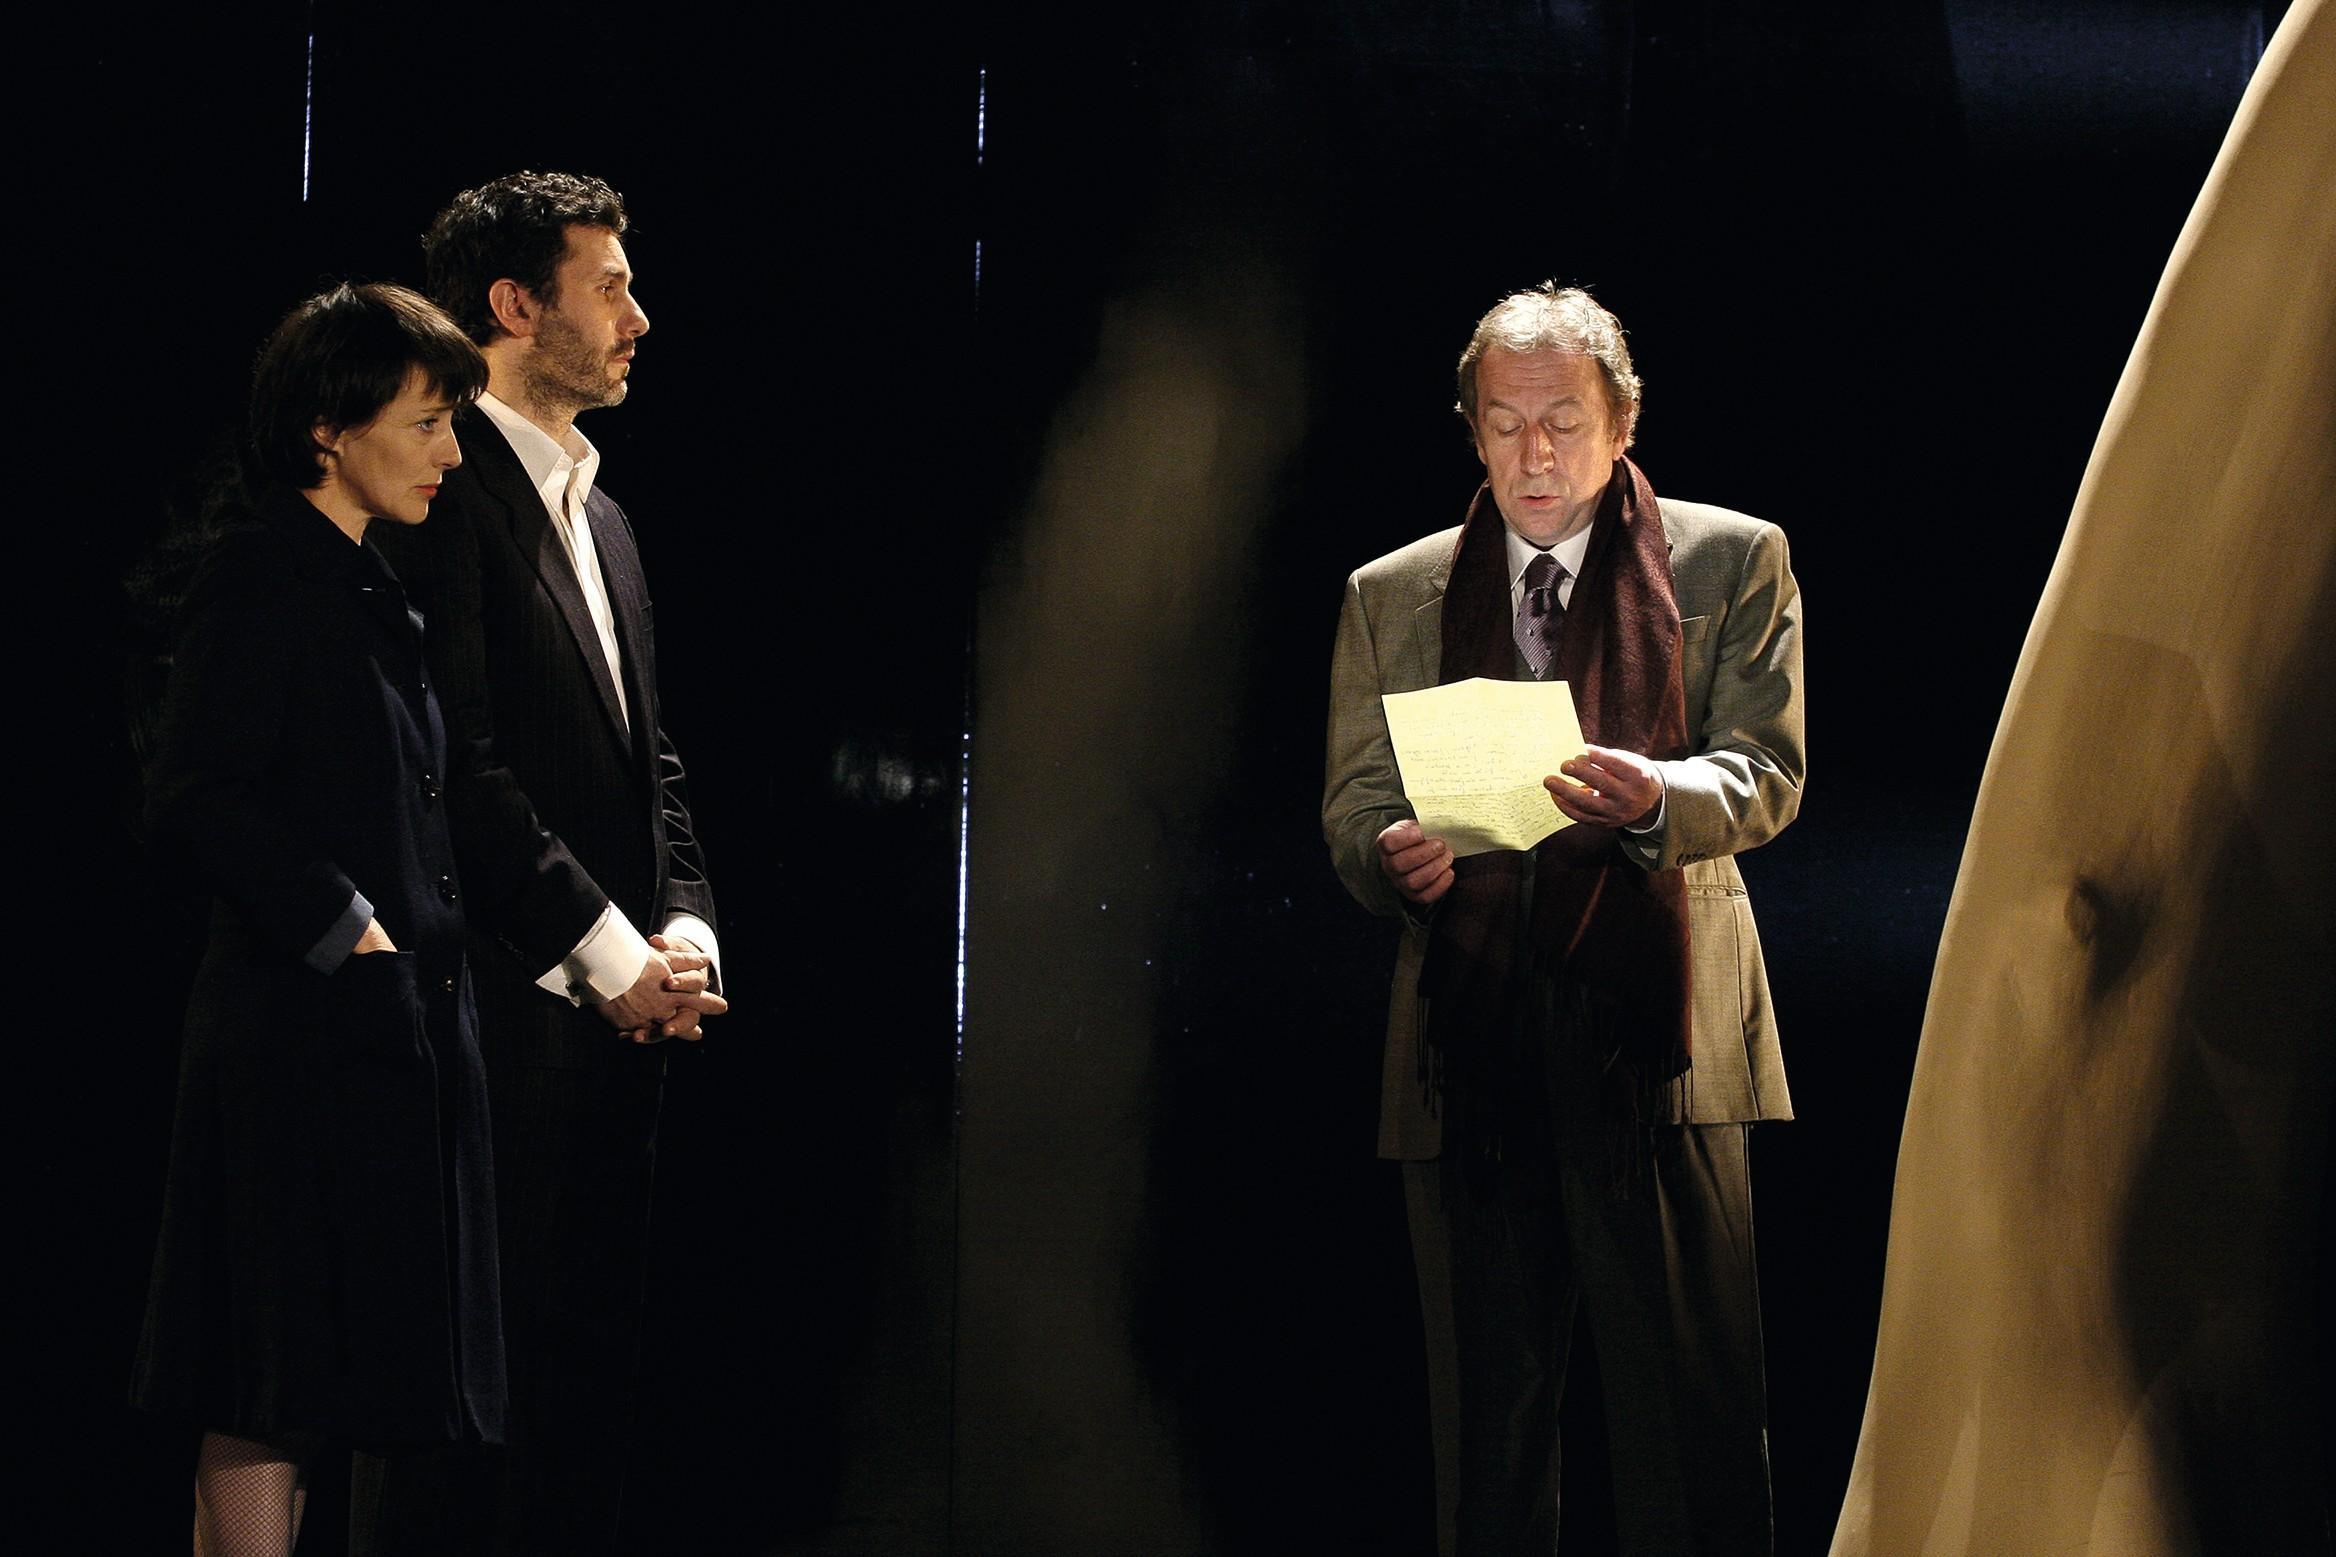 Conversations après un enterrement, mise en scène de Gabriel Garran, avec Mireille Perrier, Serge Hazanavicius, Jean-Michel Dupuis et Margot Abascal, Théâtre Antoine, Paris, 2006.